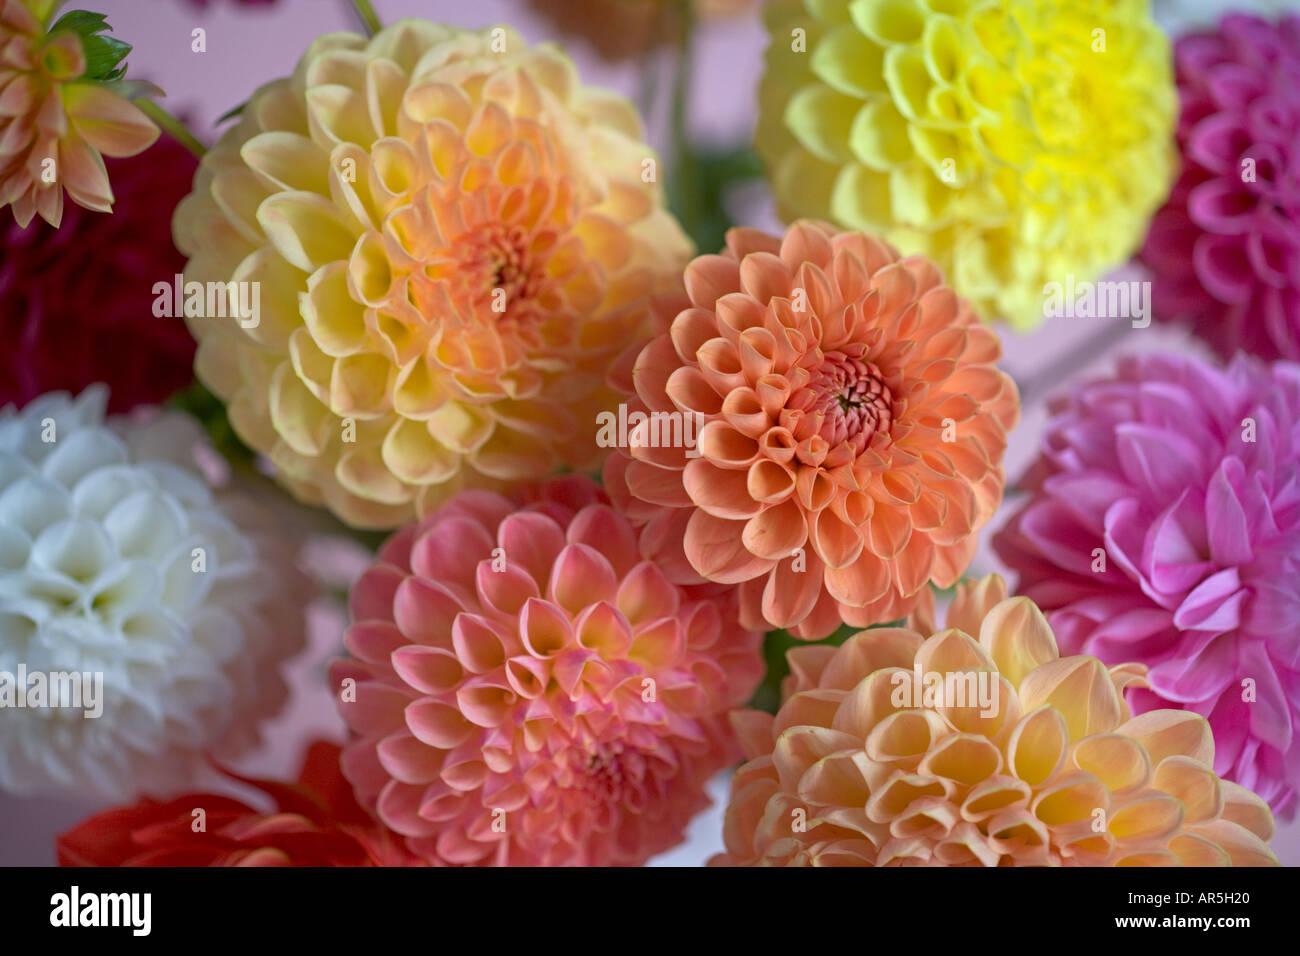 Dahlia flower arrangement stock photo 5205279 alamy dahlia flower arrangement izmirmasajfo